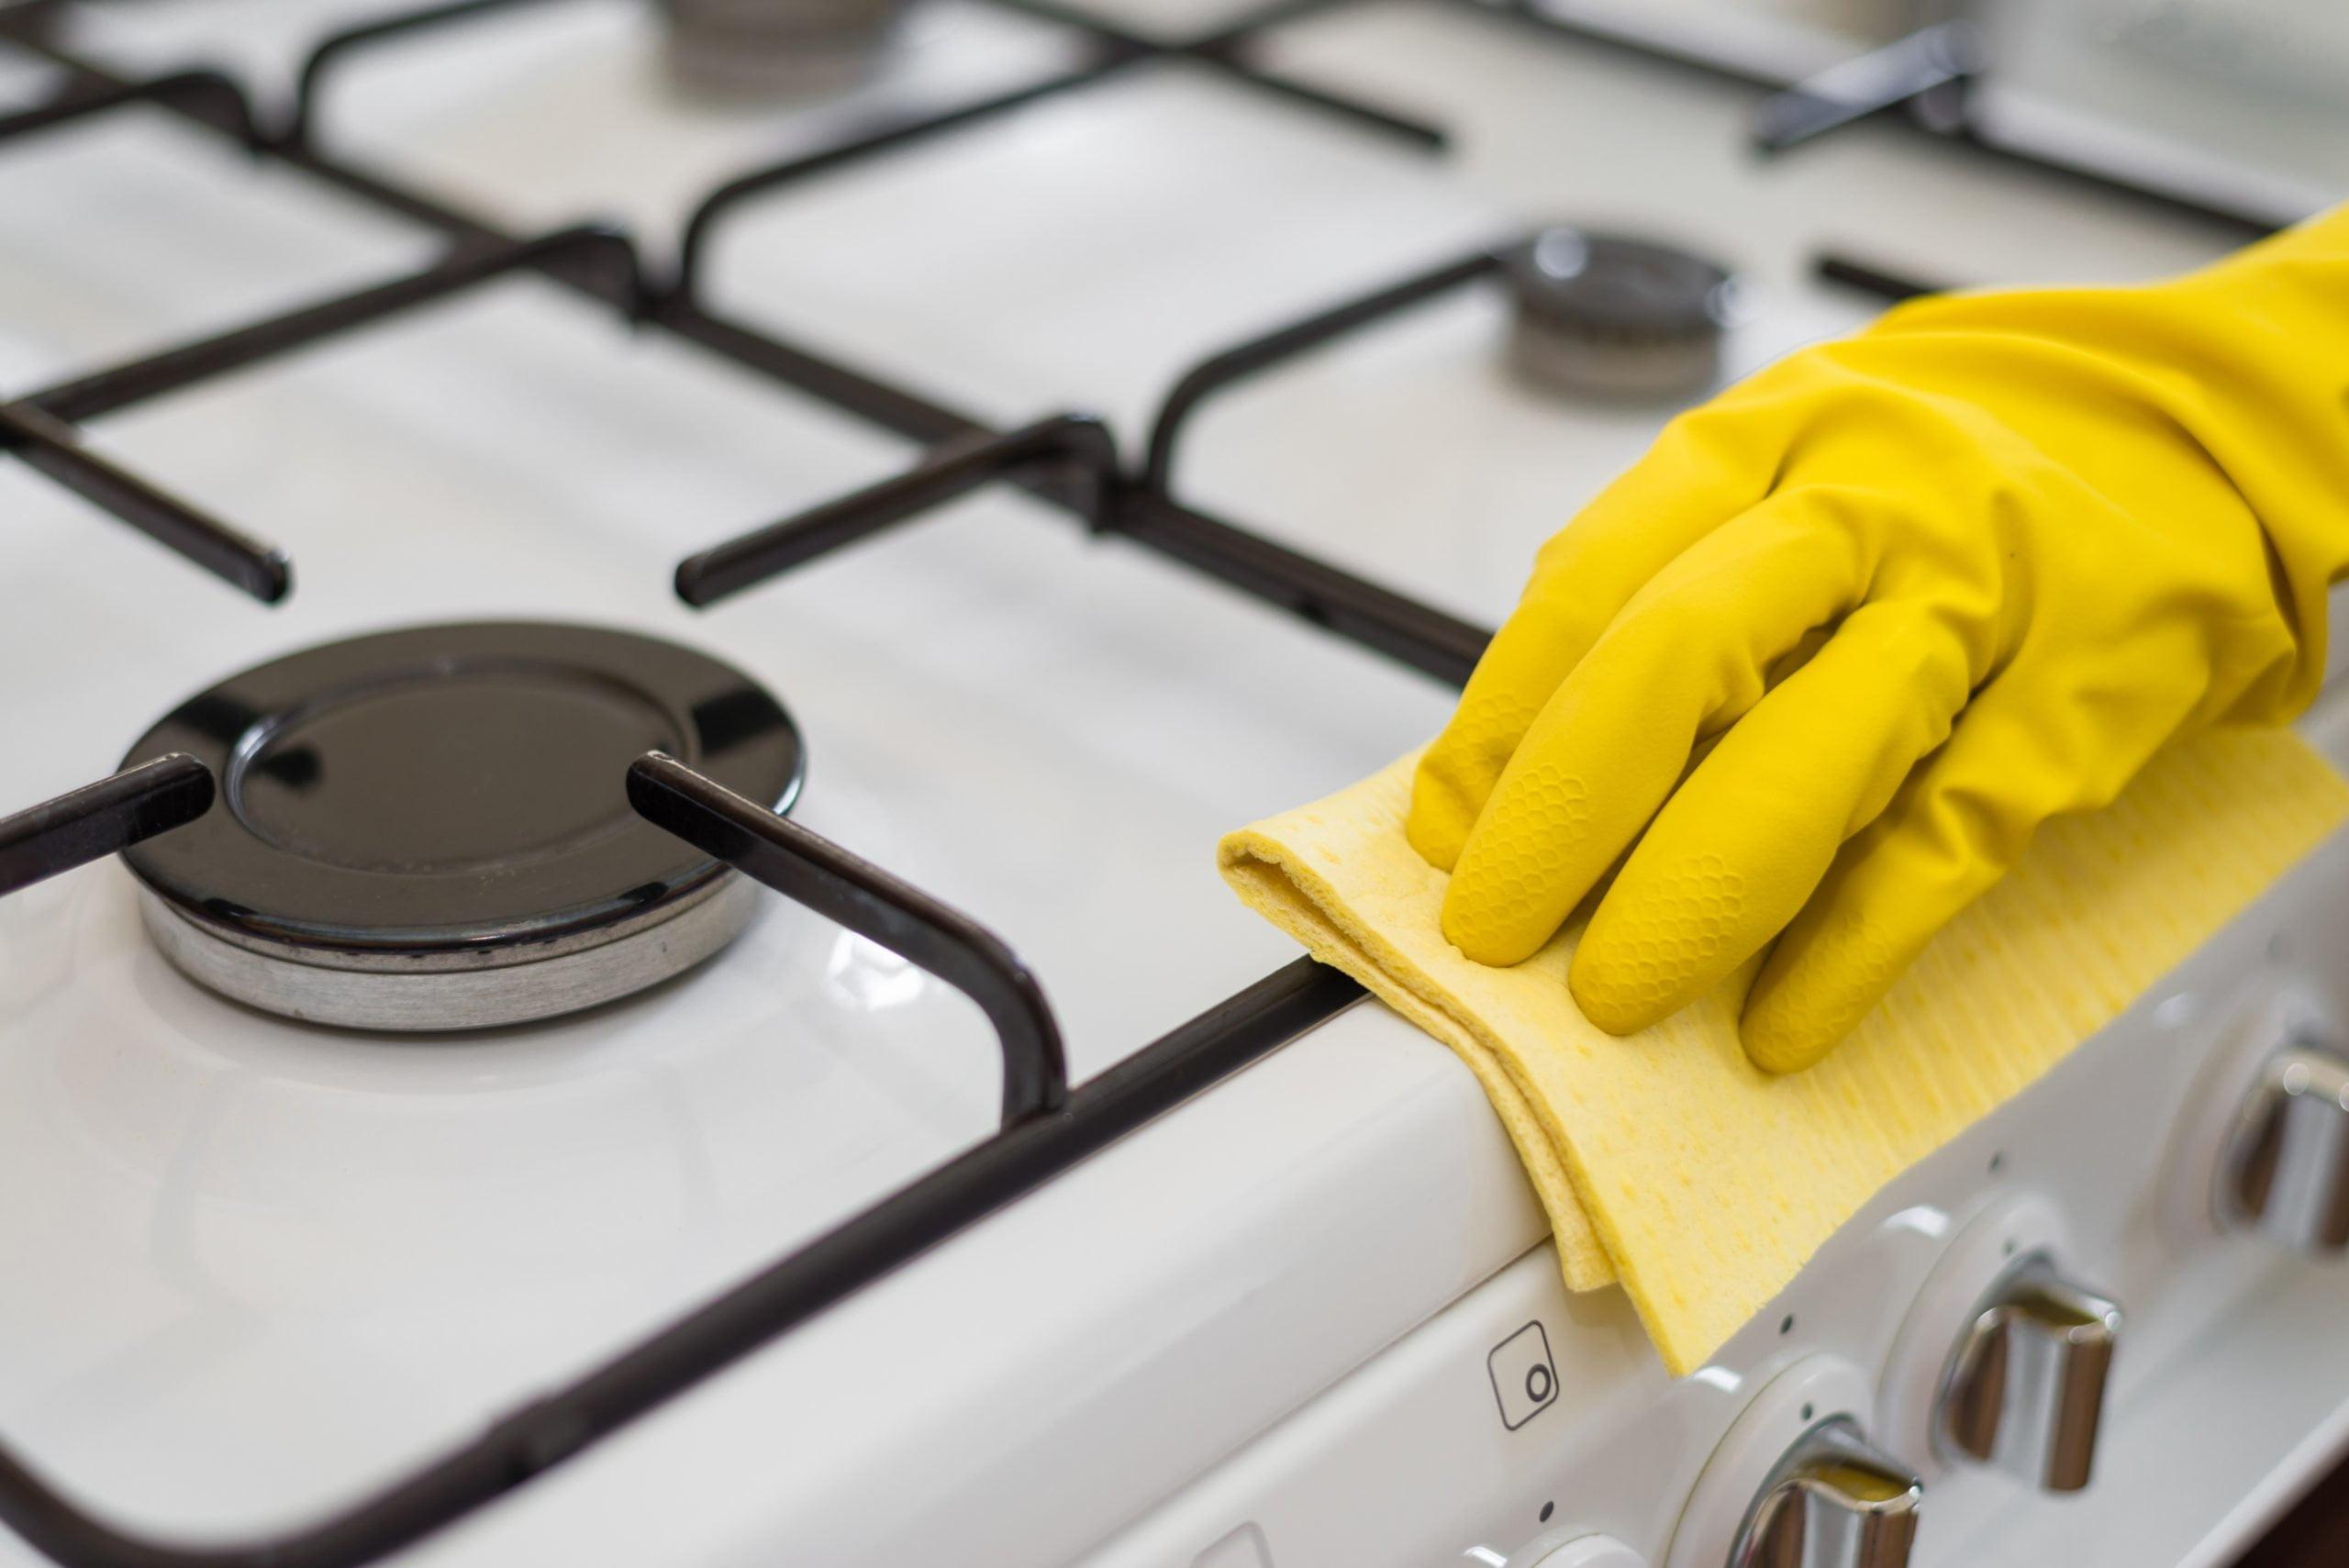 تنظيف الطباخ و افران الغاز نصائح مهمة